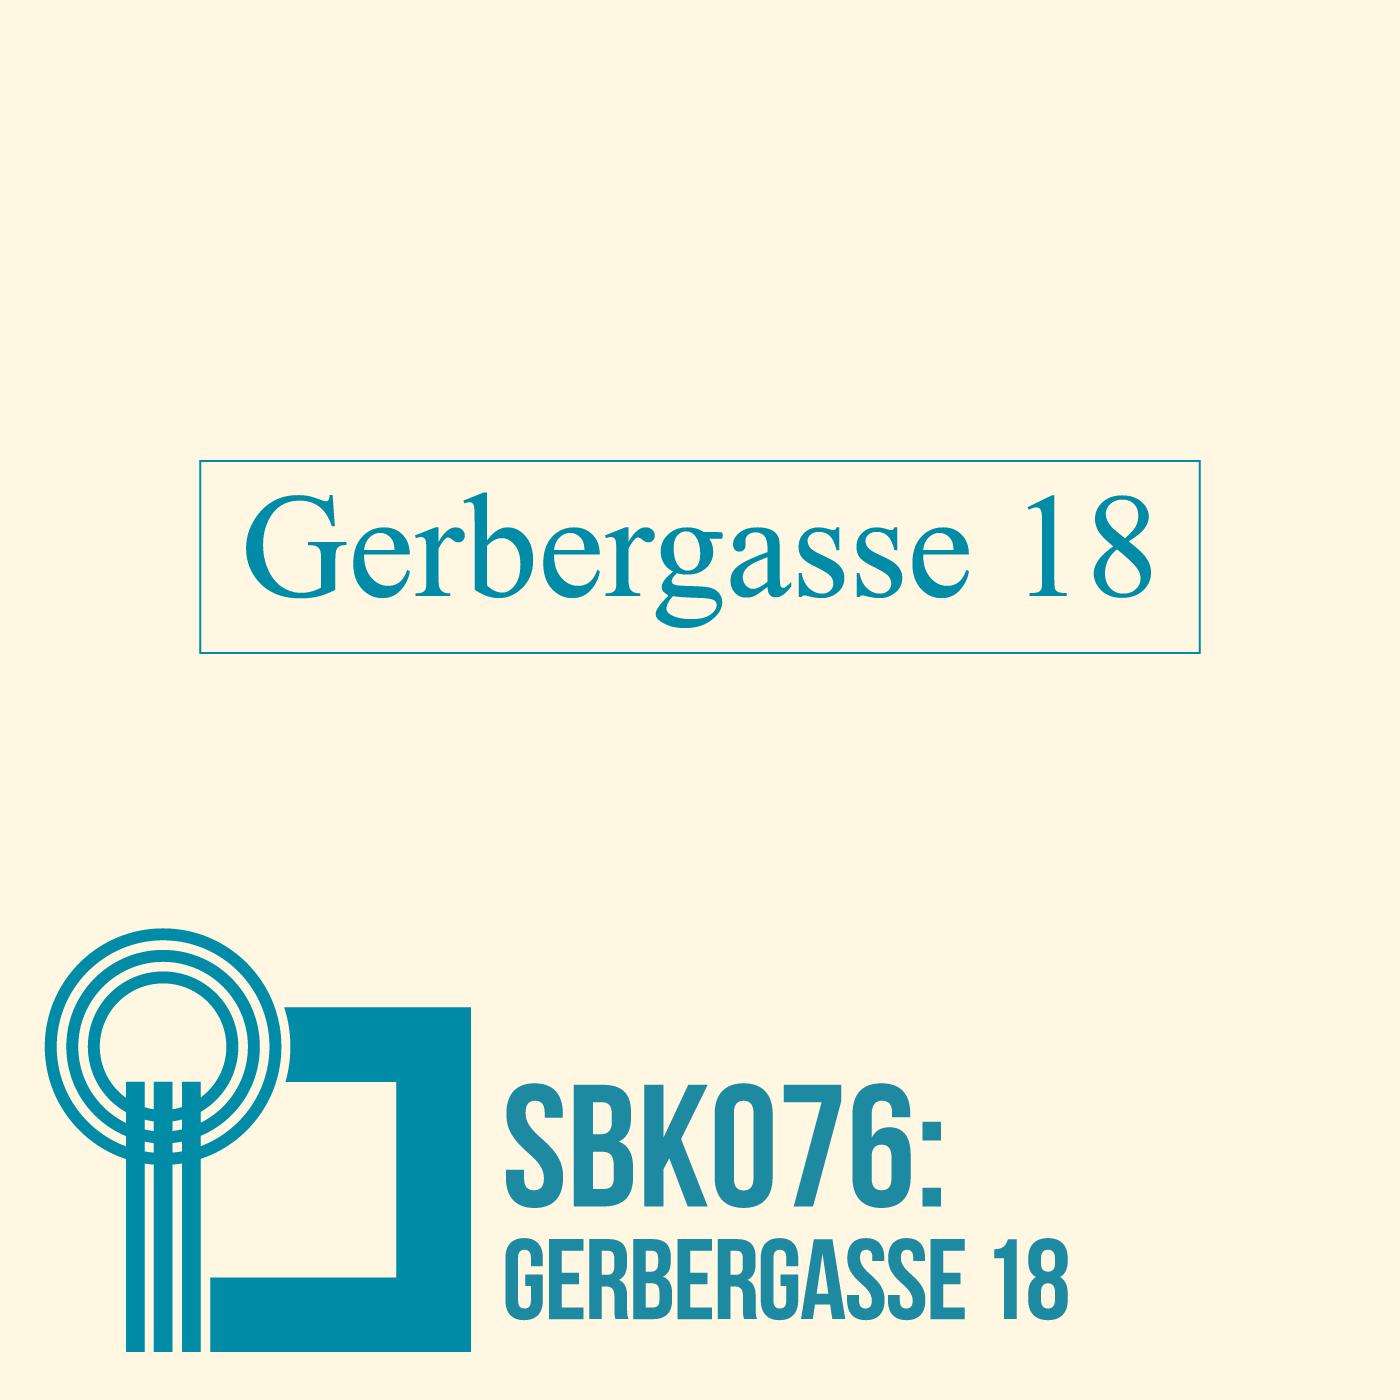 Gerbergasse 18